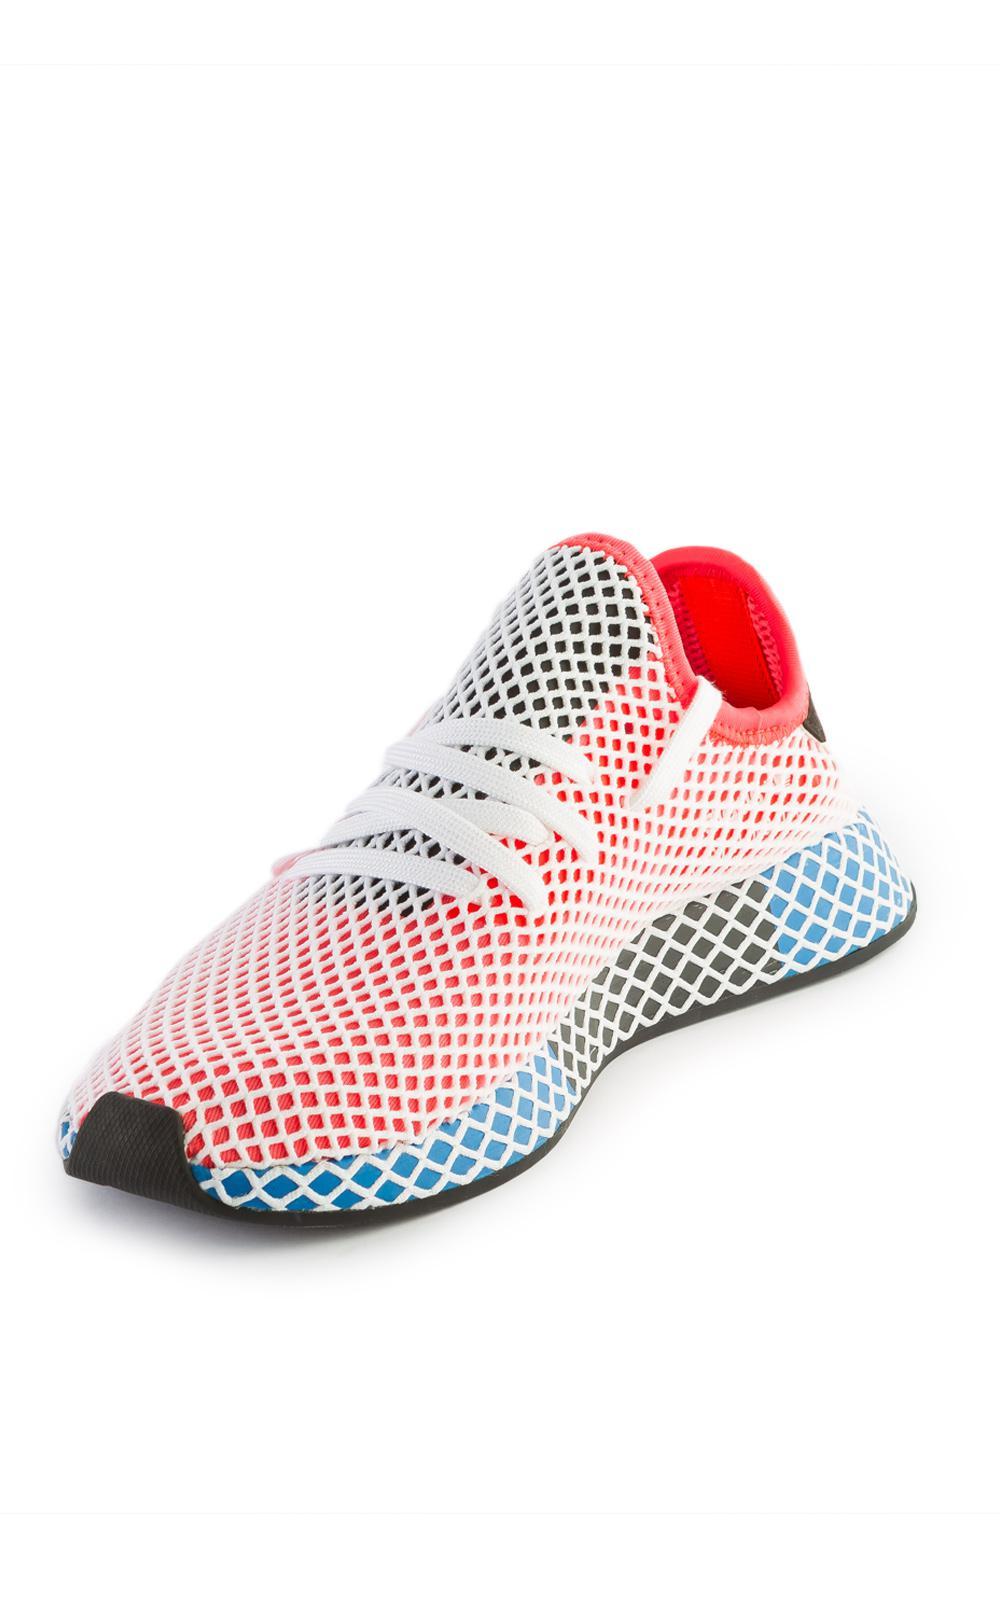 Adidas Originals deerupt Runner Solar ROJO / Bluebird en rojo para hombres Lyst